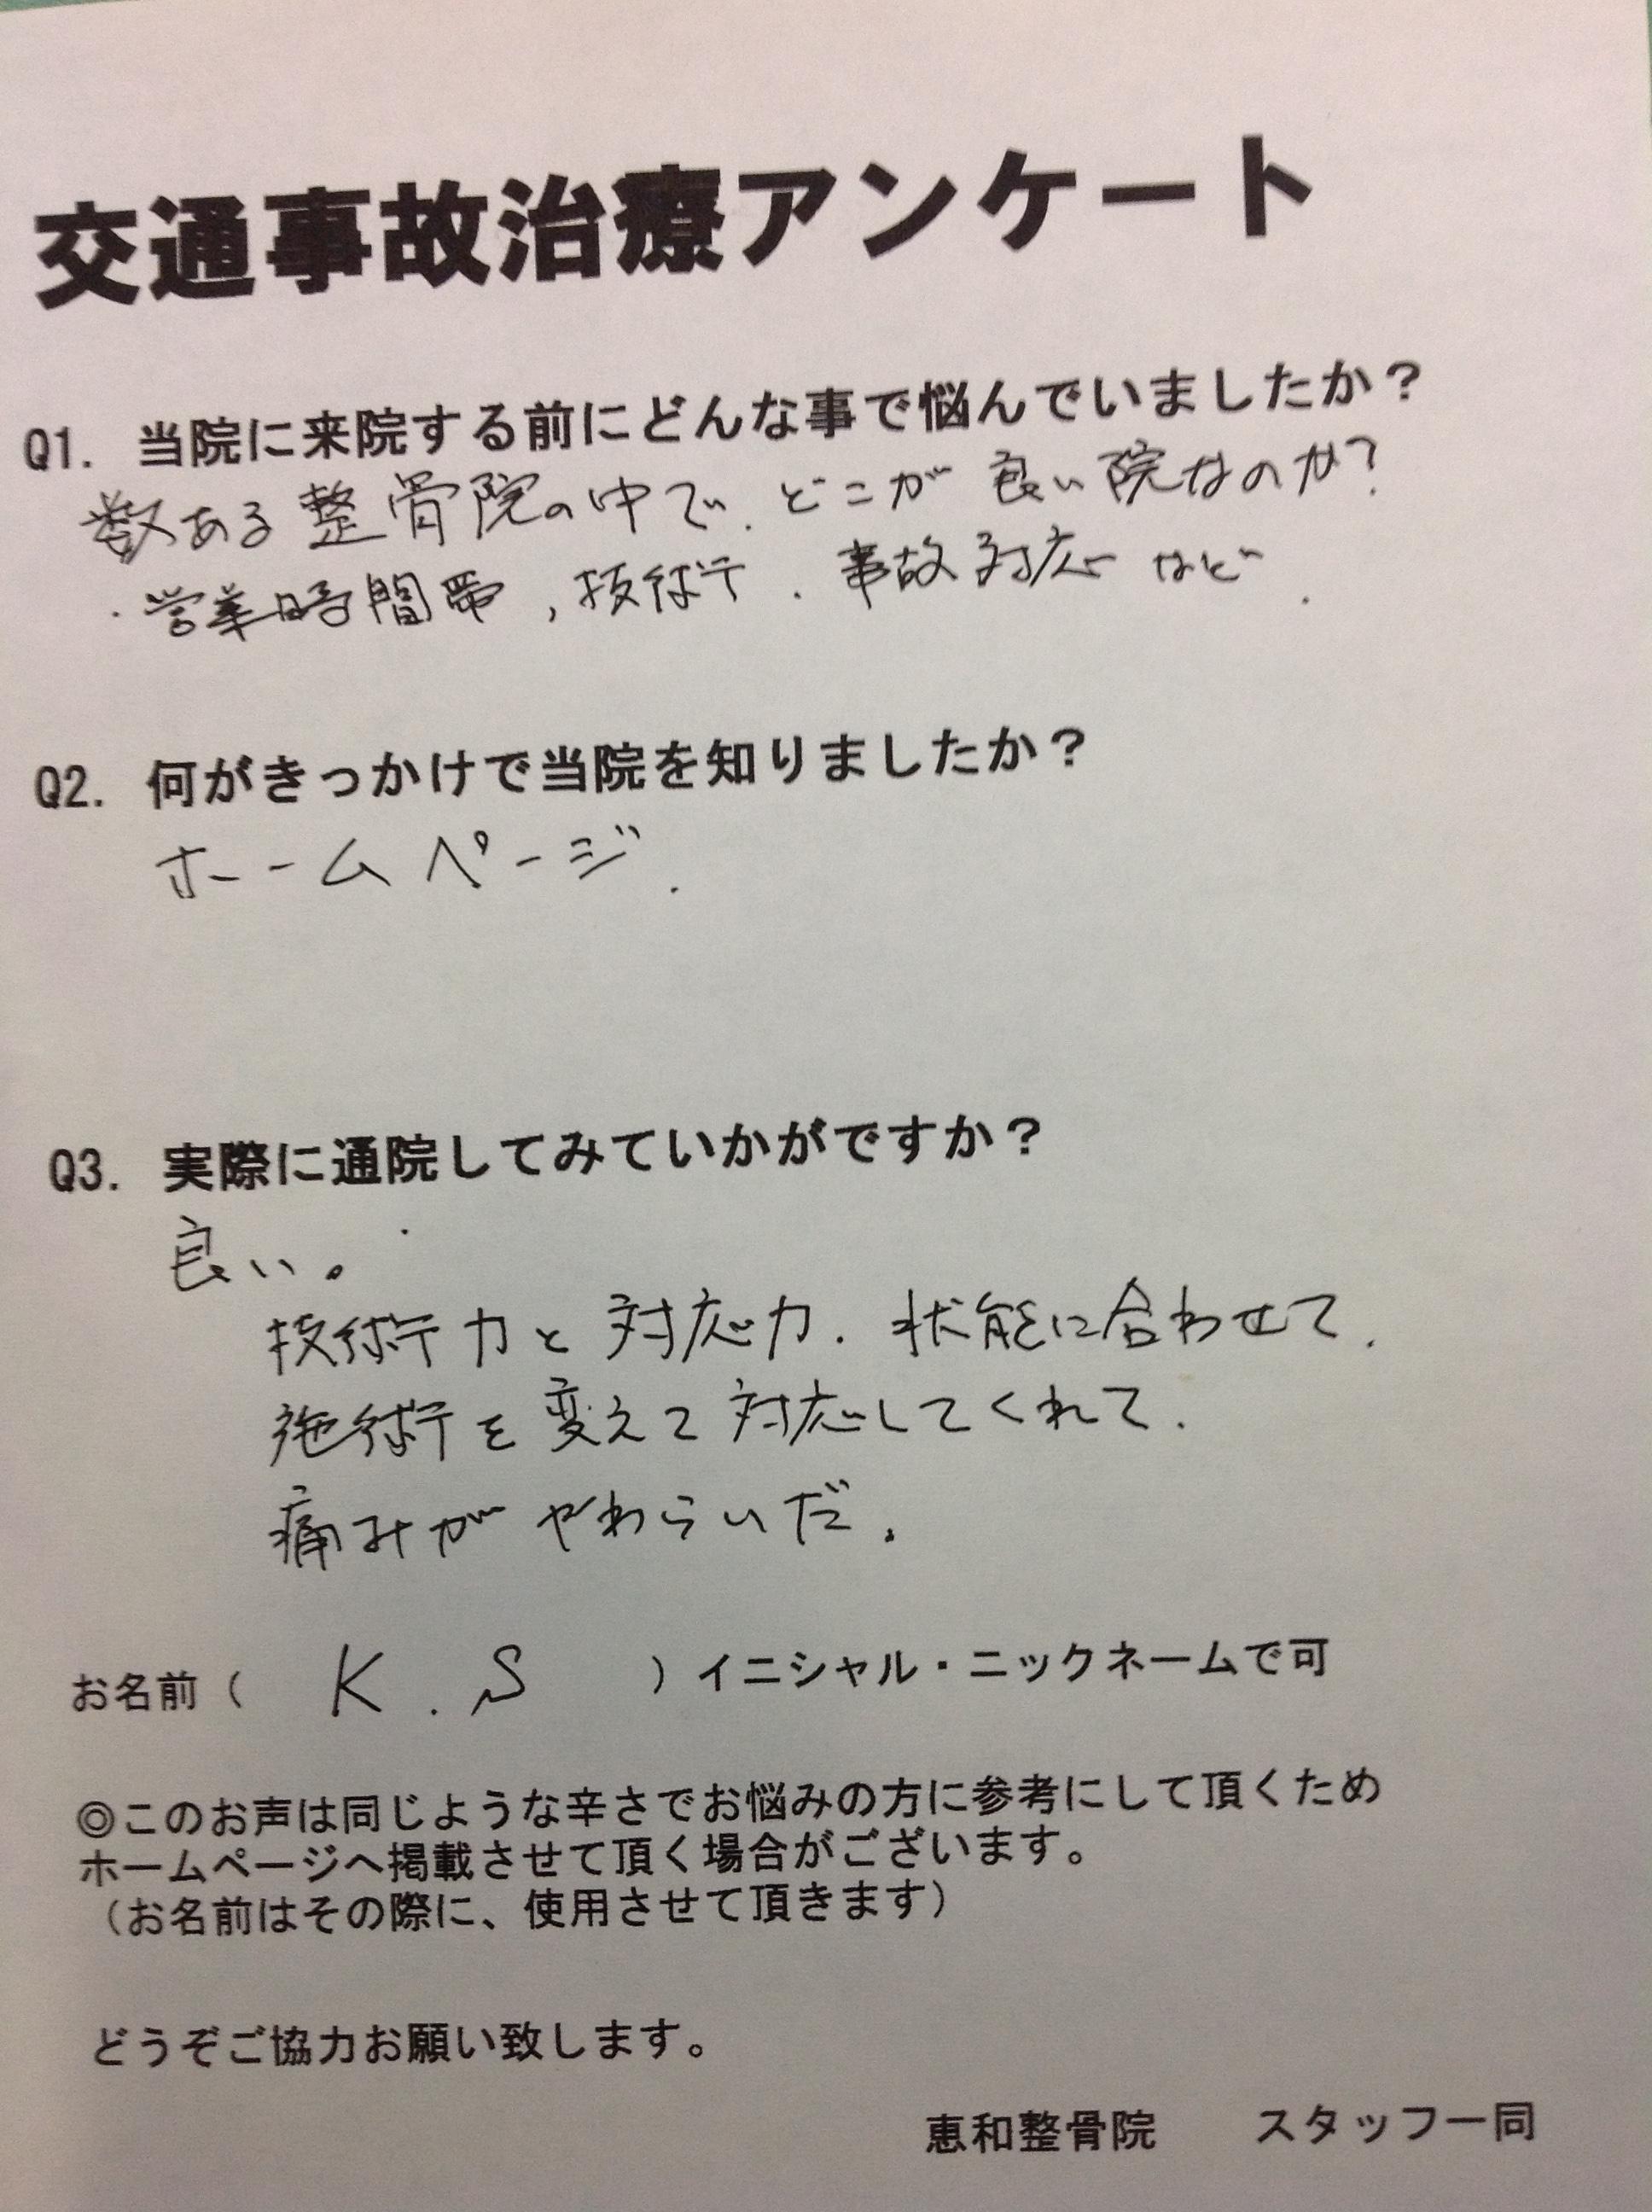 2014-12-17 16.29.13鈴木清隆さん